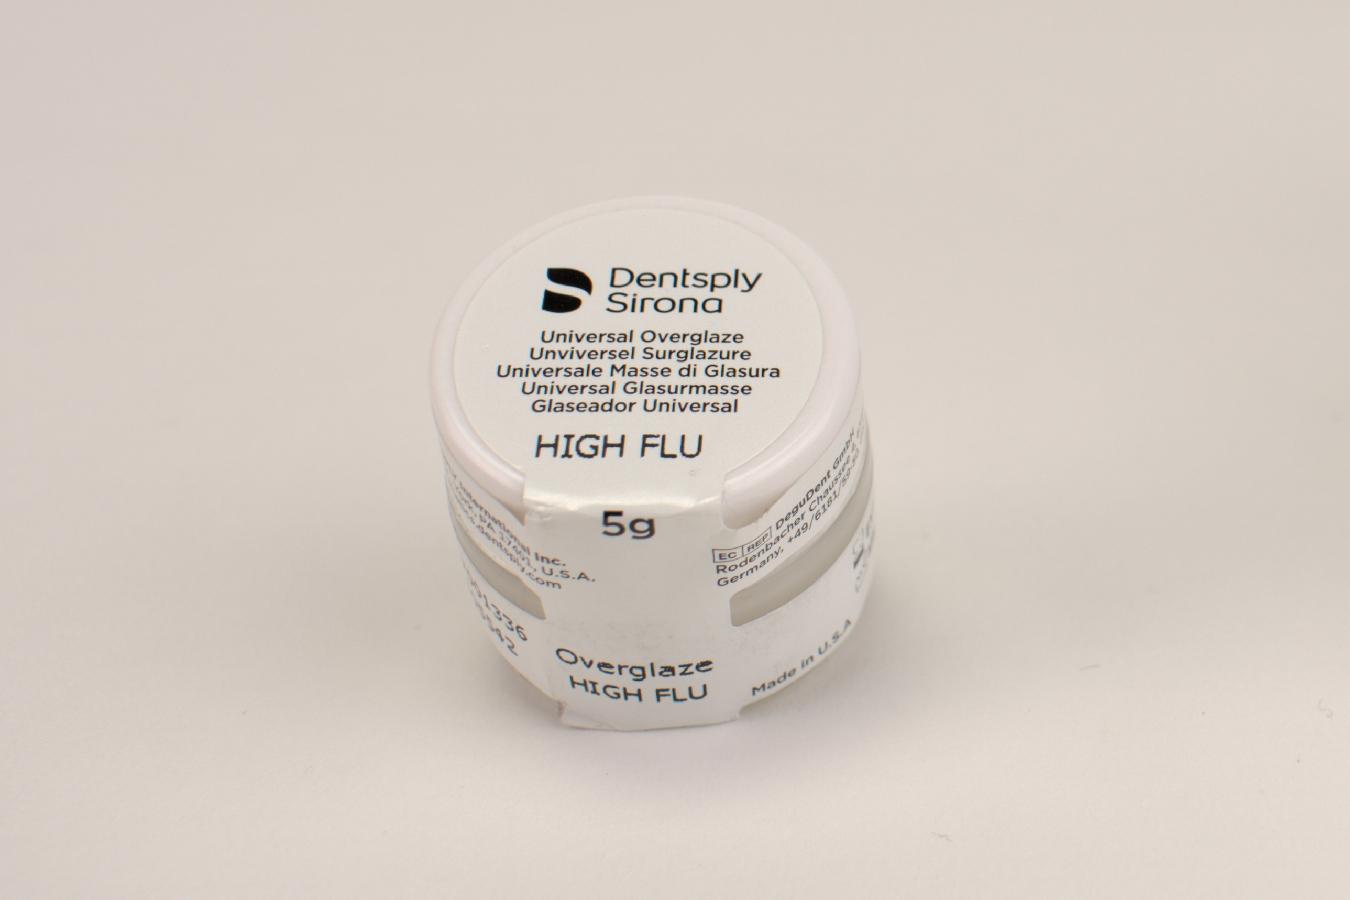 DS Universal Overglaze - High Flu 5G